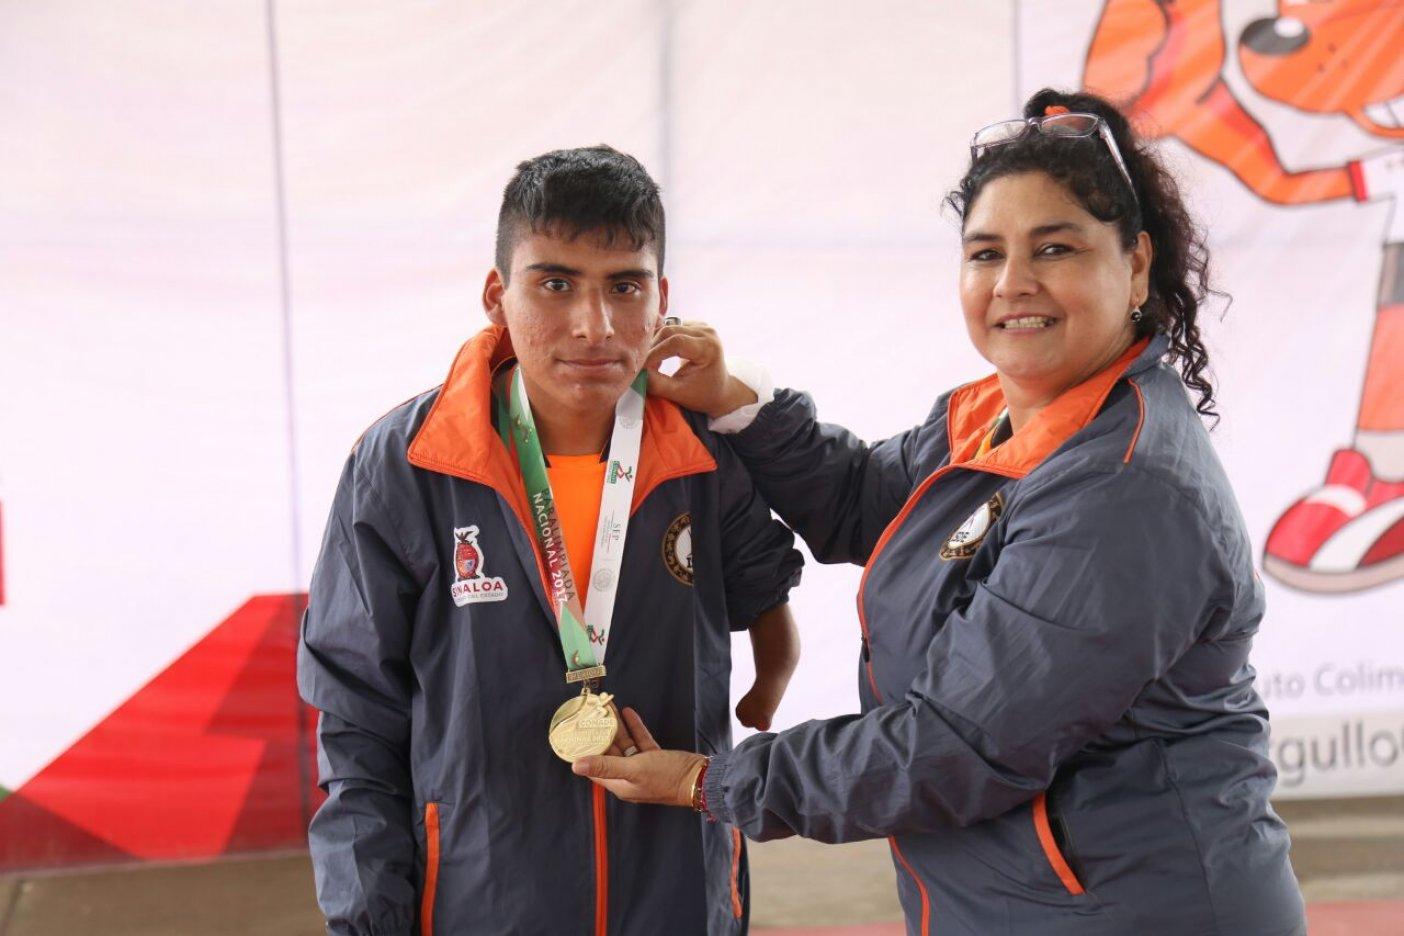 Día dorado para Tlaxcala en la Paralimpiada Nacional